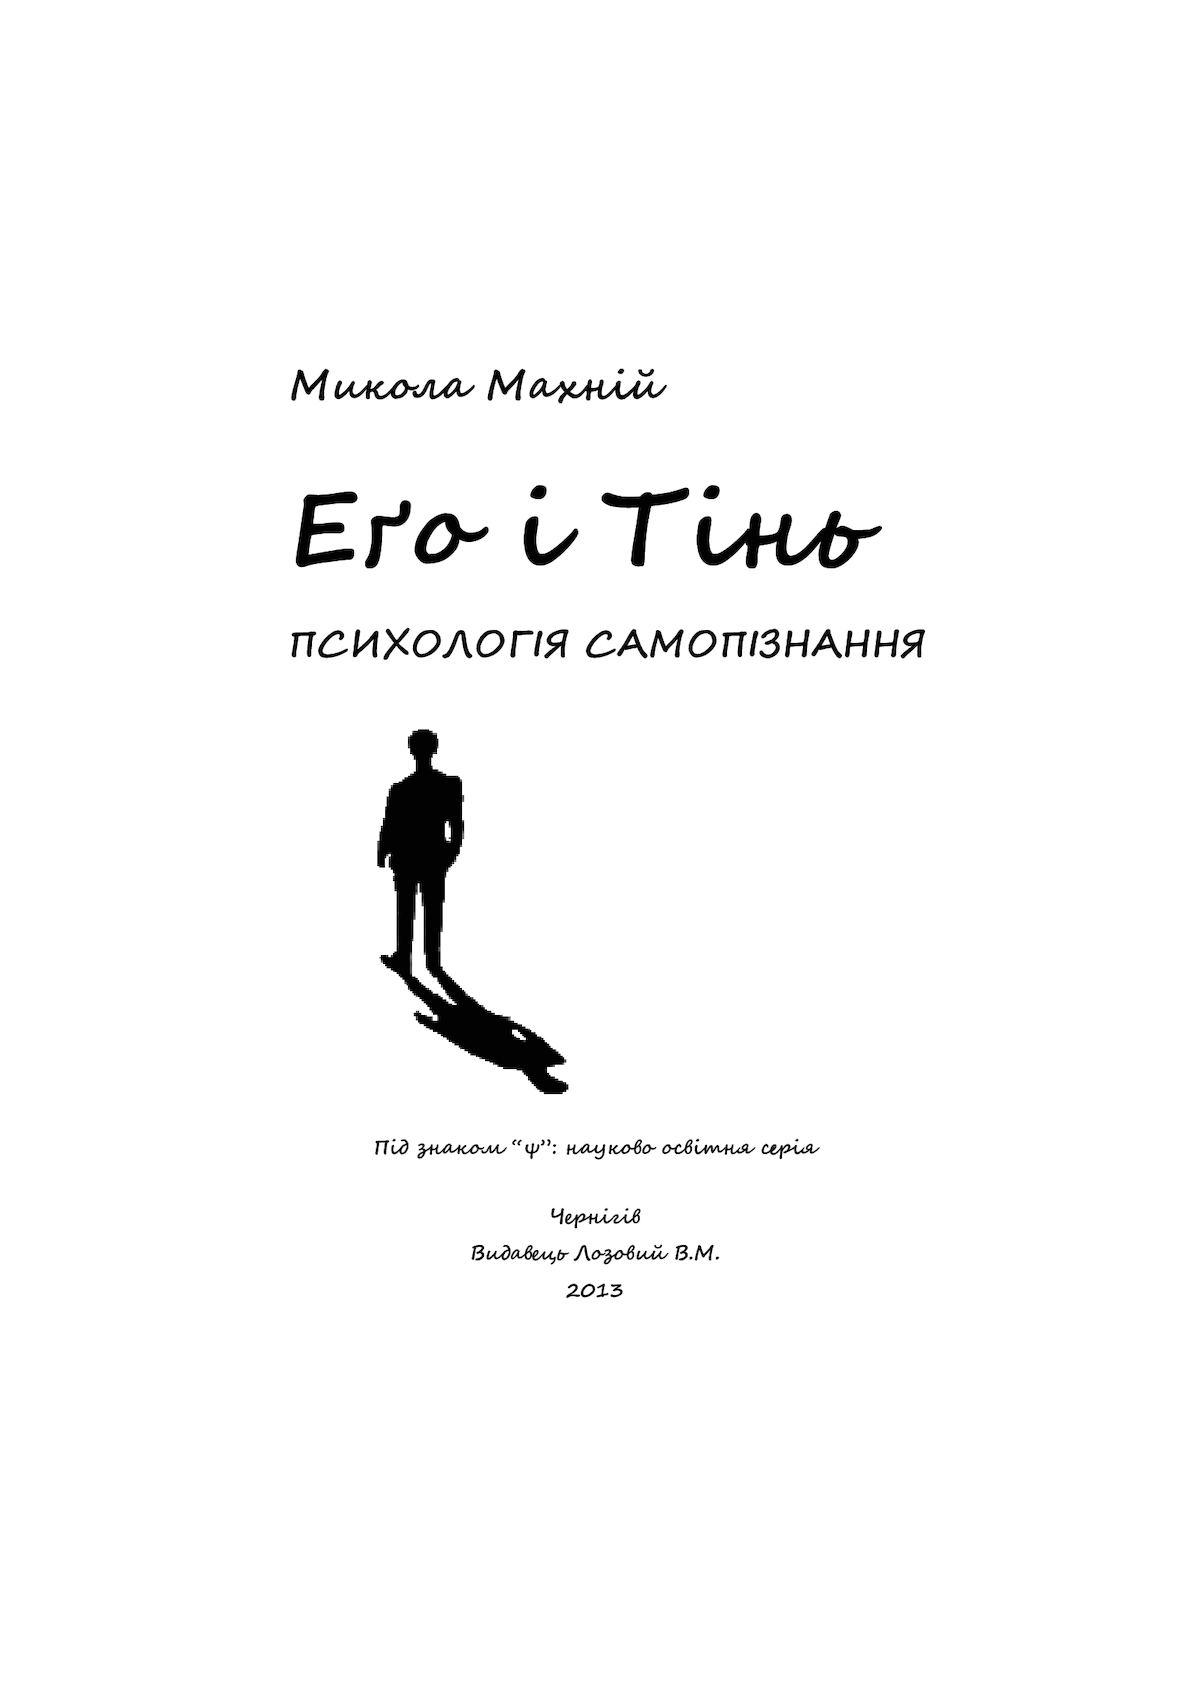 Calaméo - Еґо і Тінь  психологія самопізнання 950c030ec3f1b